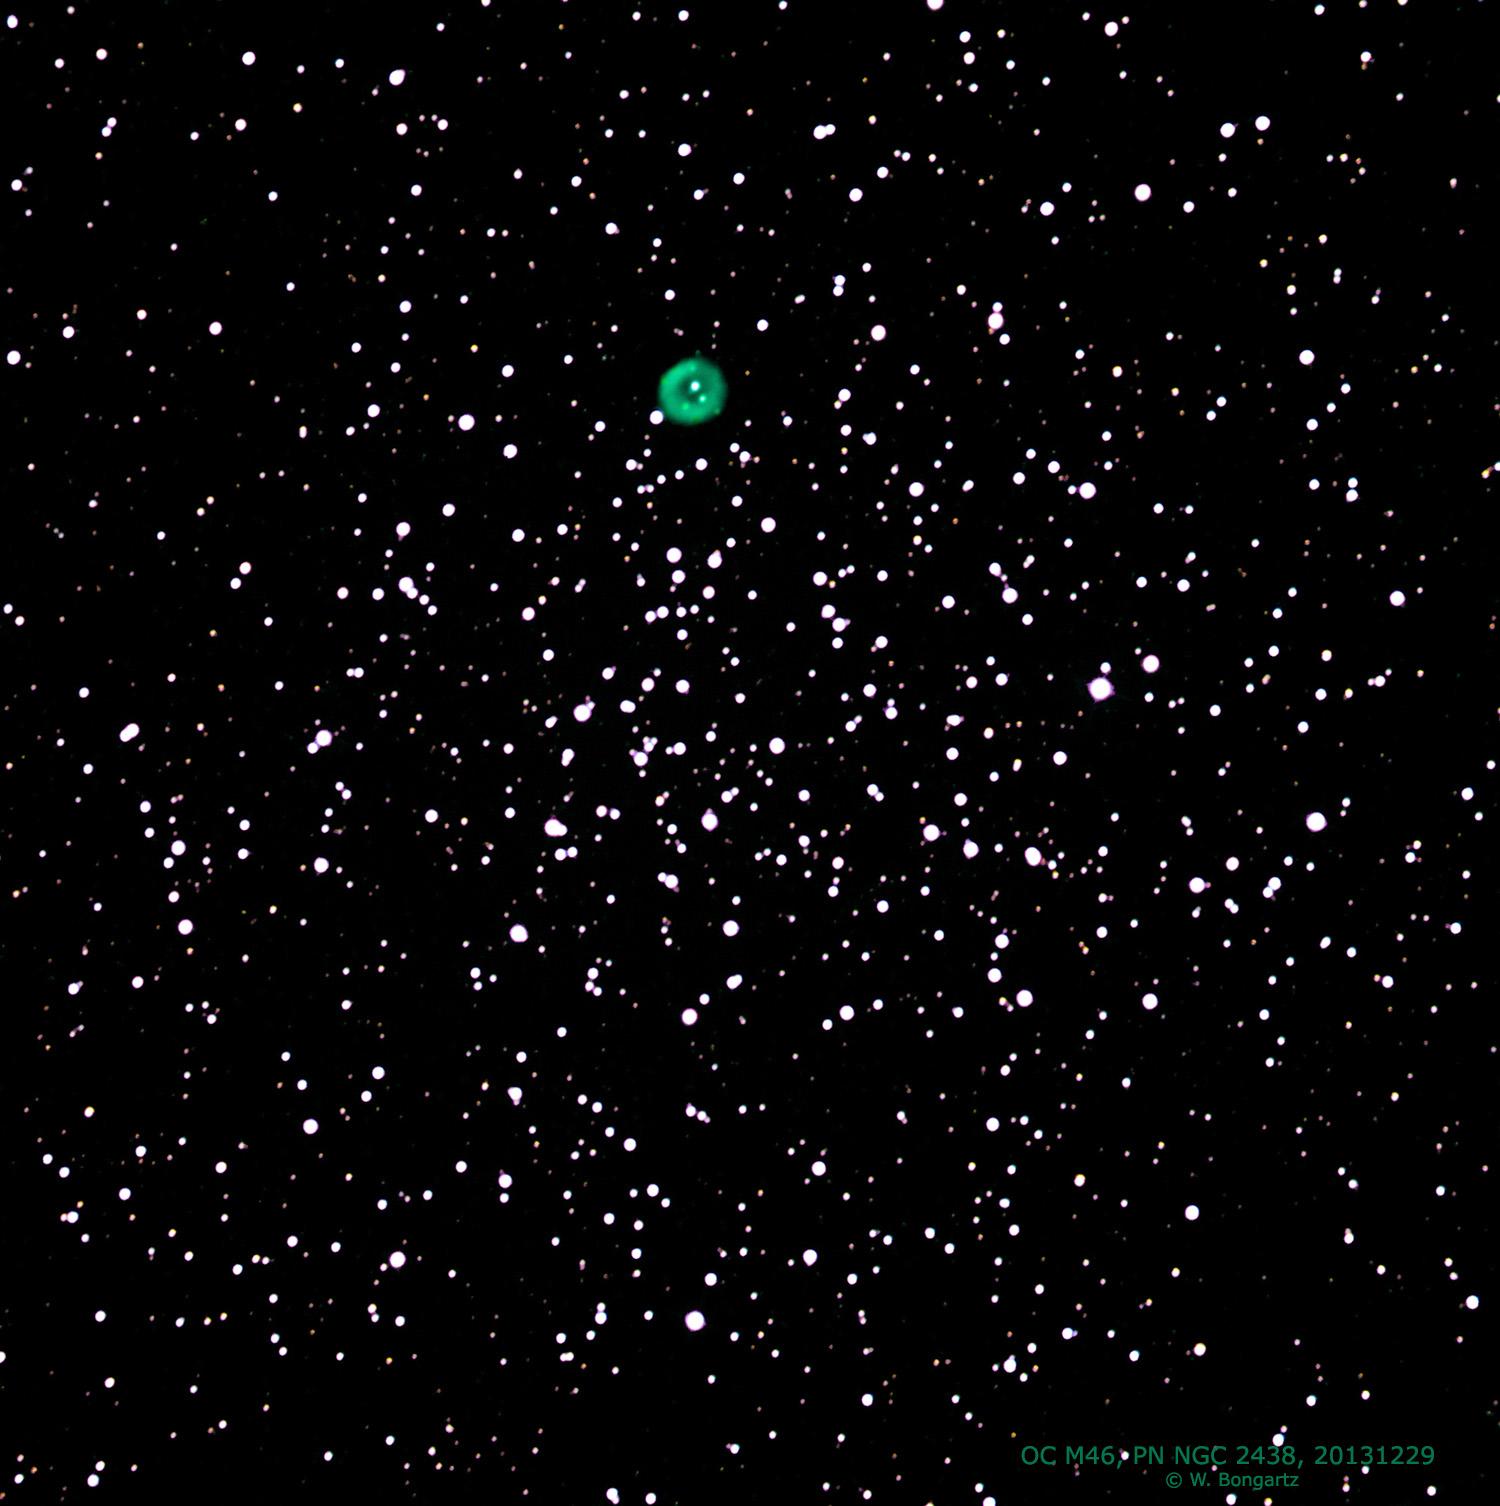 M46_L_Ha_Hb_O3_kl